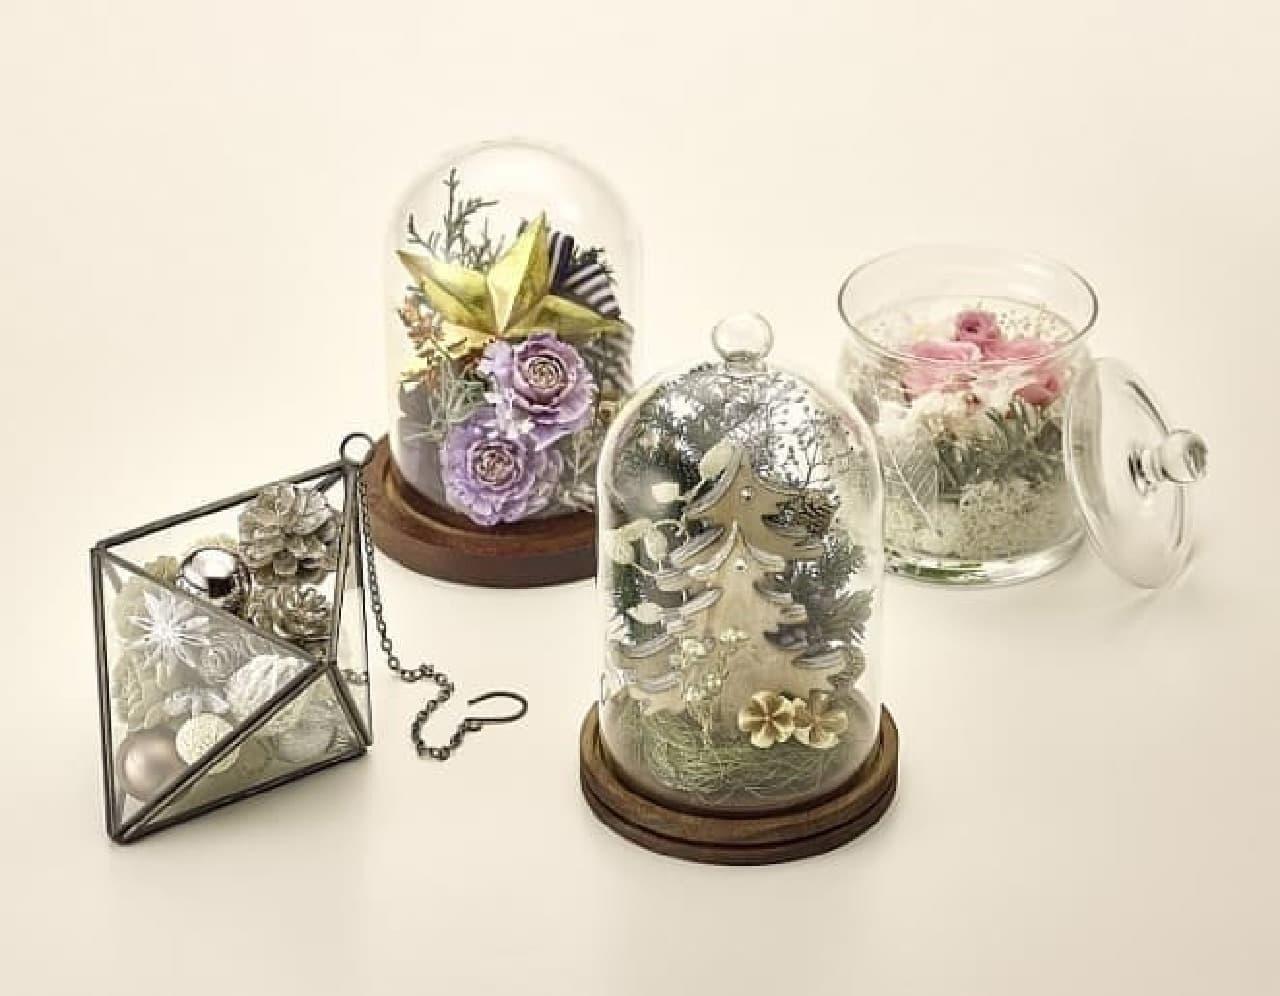 日比谷花壇「クリスマステラリウム」